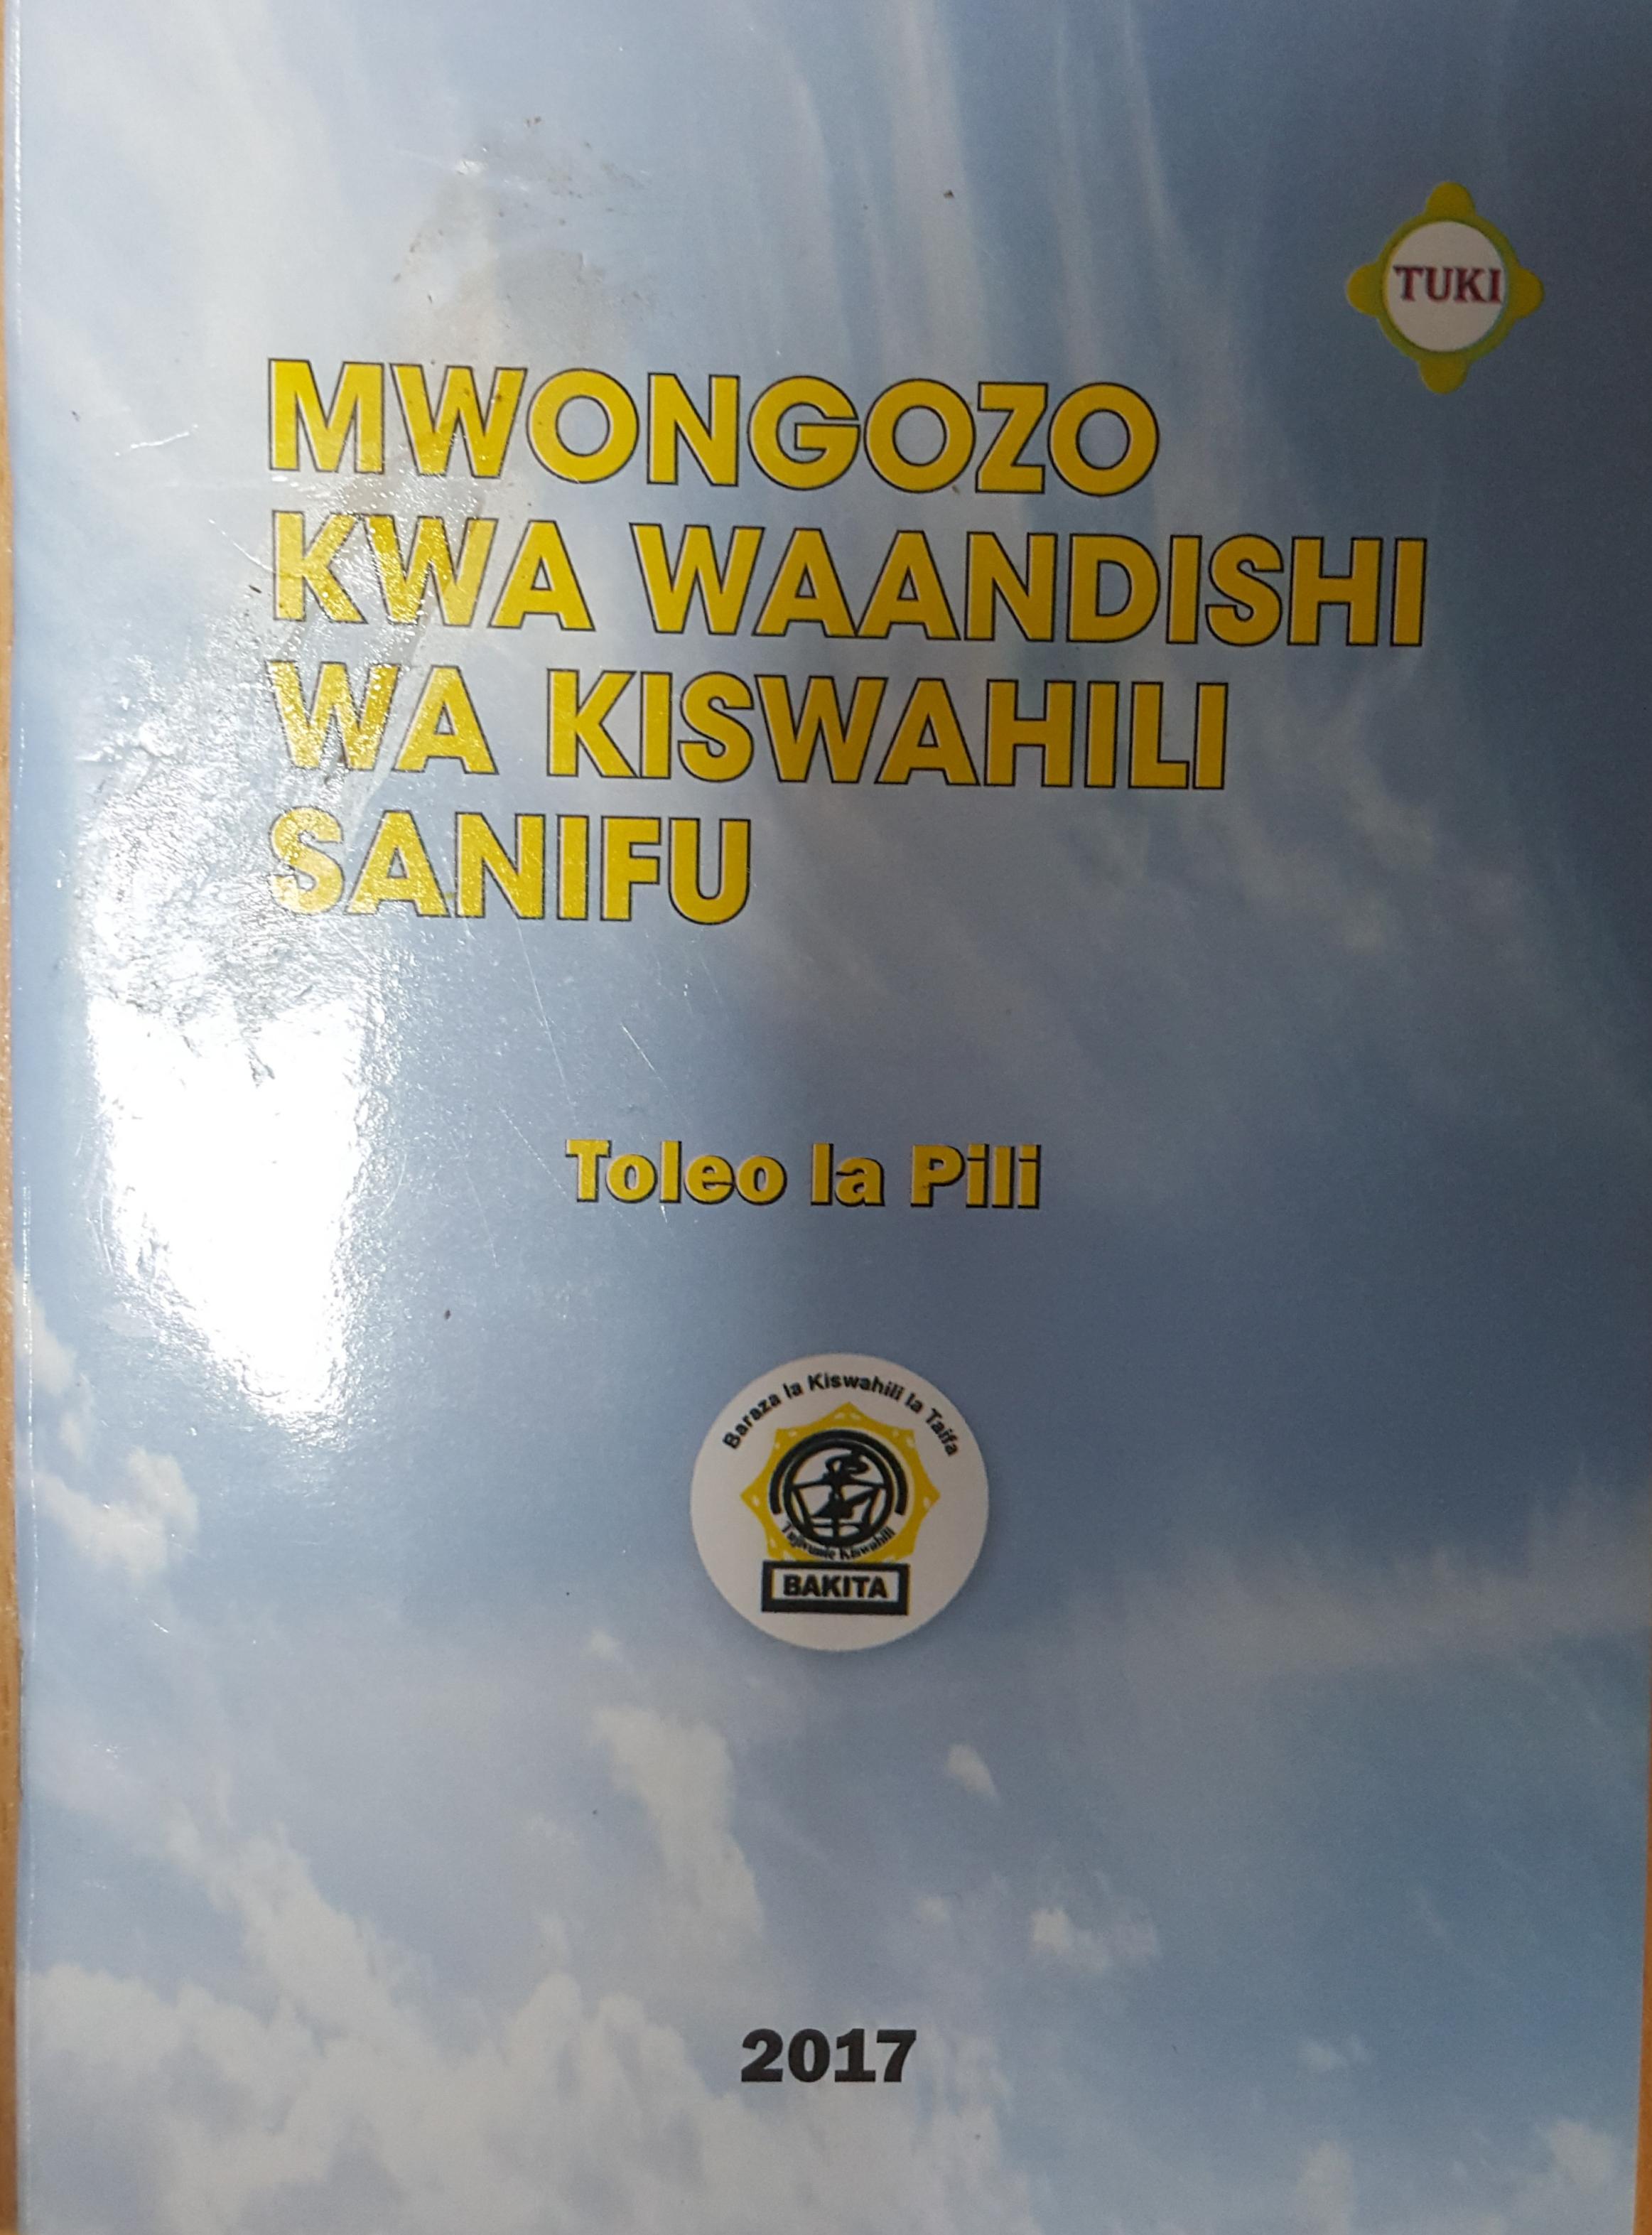 MWONGOZO KWA WAANDISHI WA KISWAHILI SANIFU